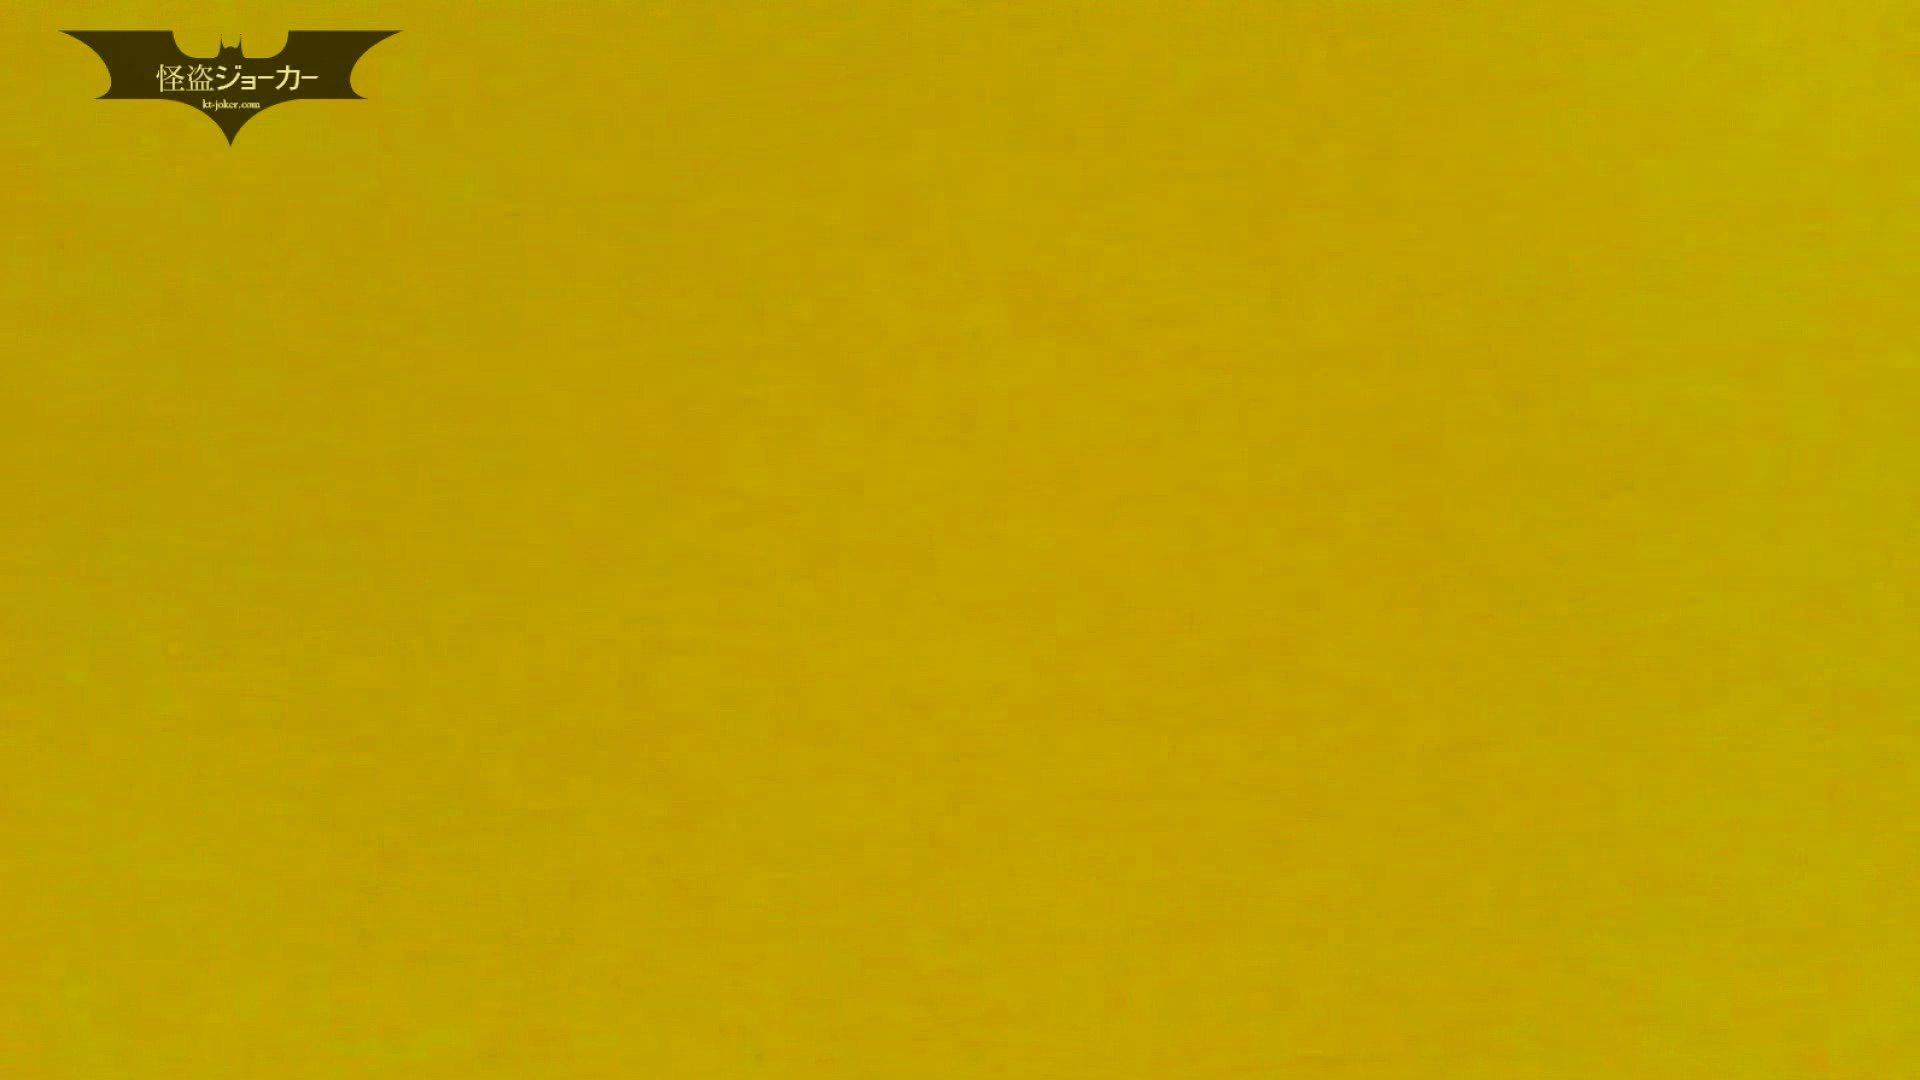 夏の思い出浜辺トイレ盗撮Vol.08 むっちり エロ画像 88画像 81